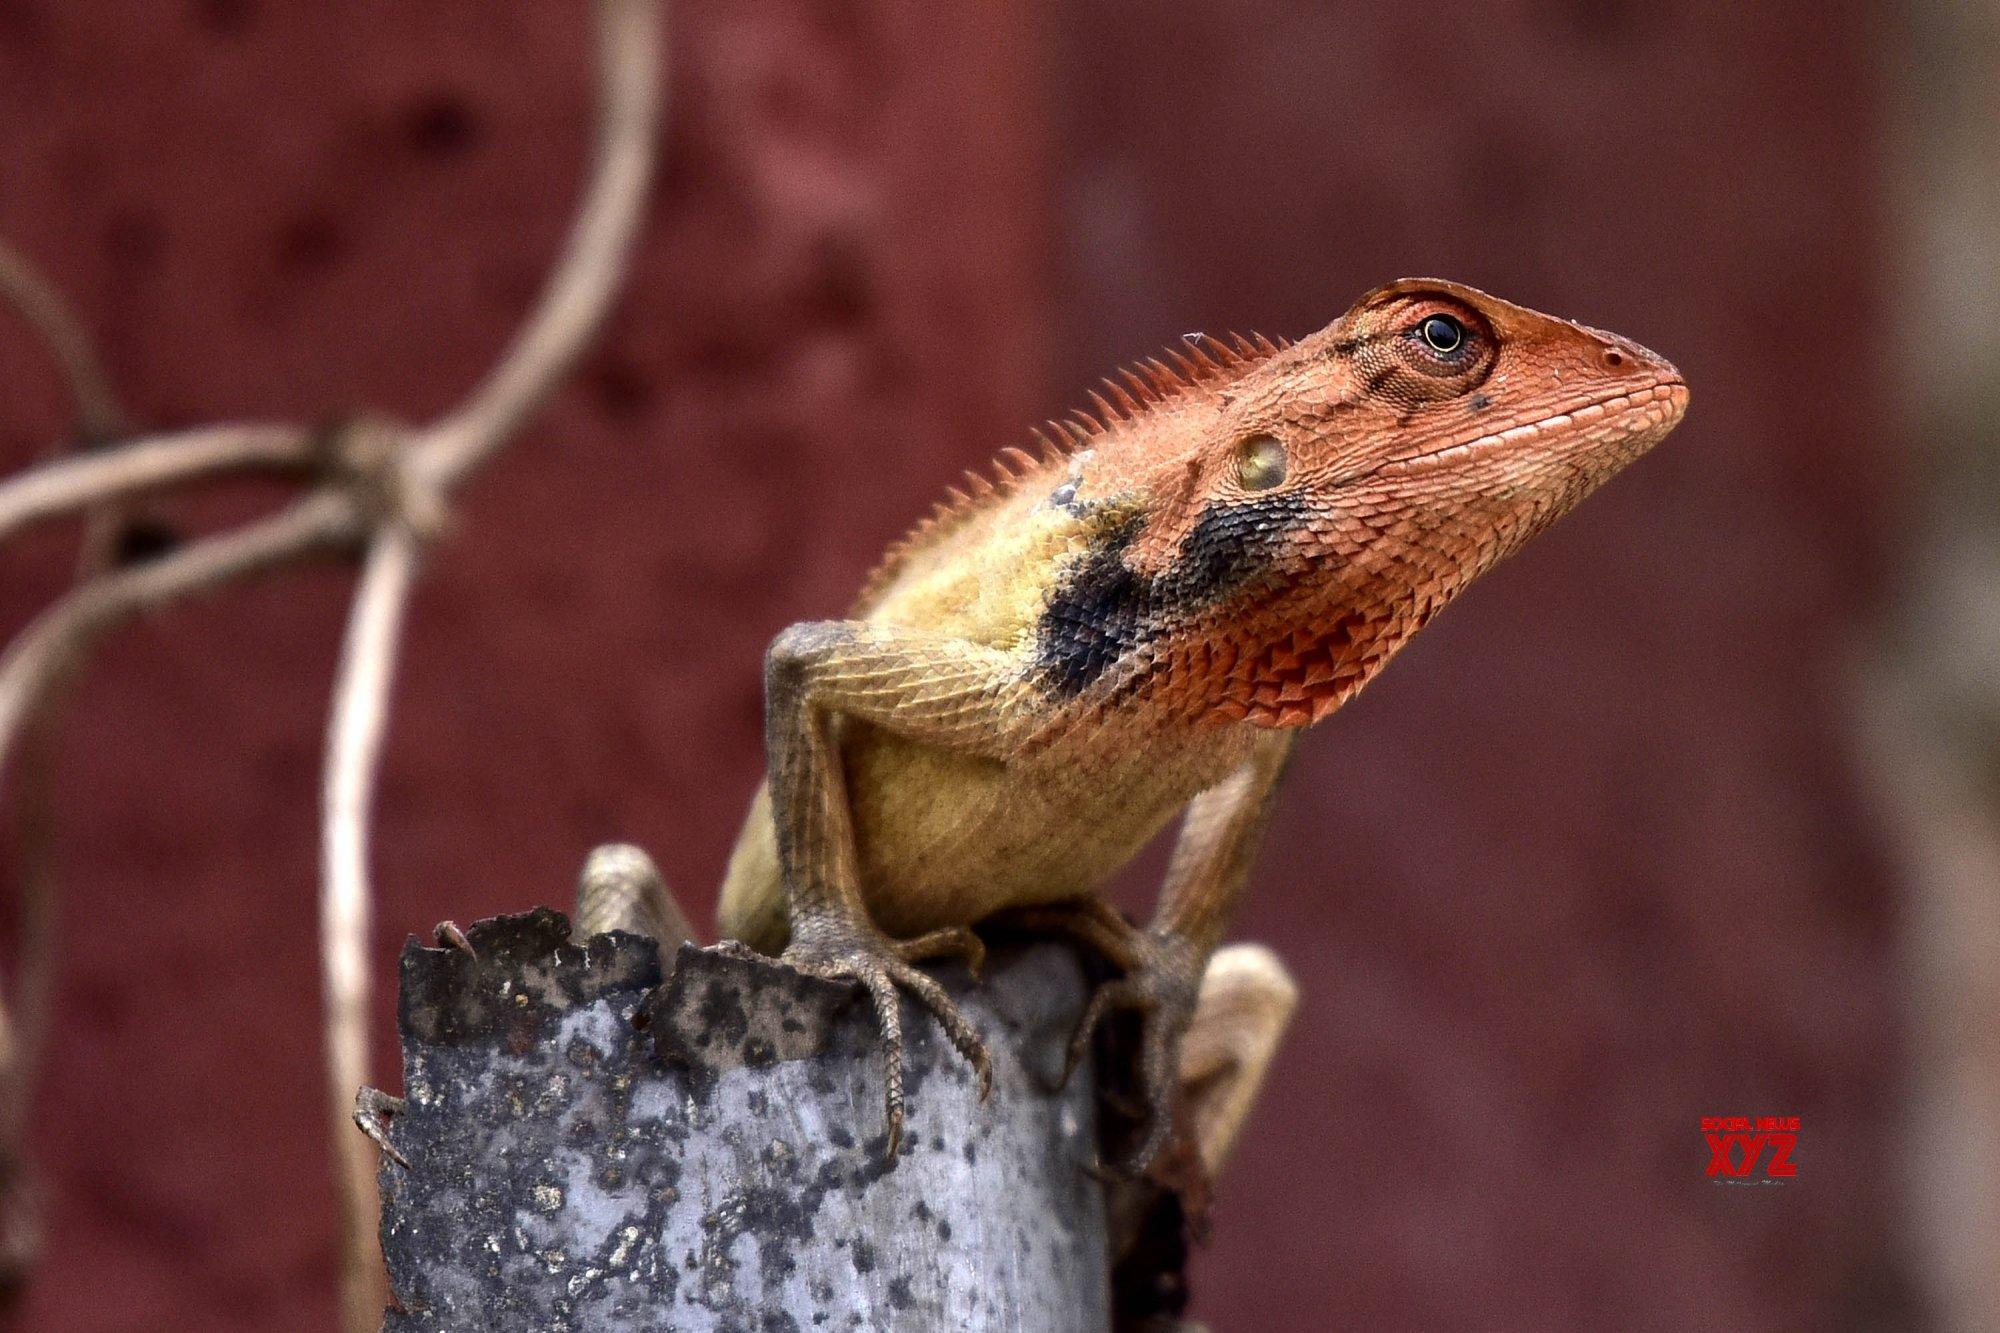 Guwahati: Oriental garden lizard #Gallery